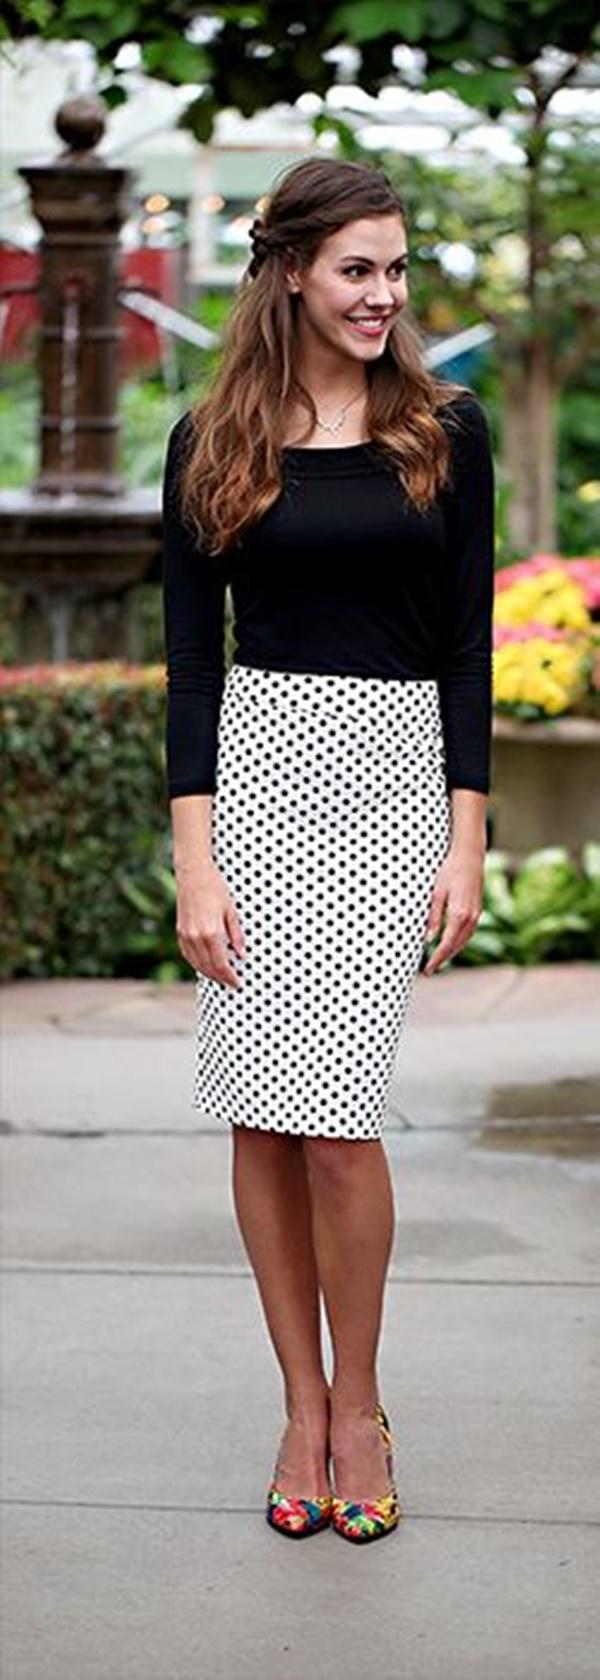 polka dots outfits (65)